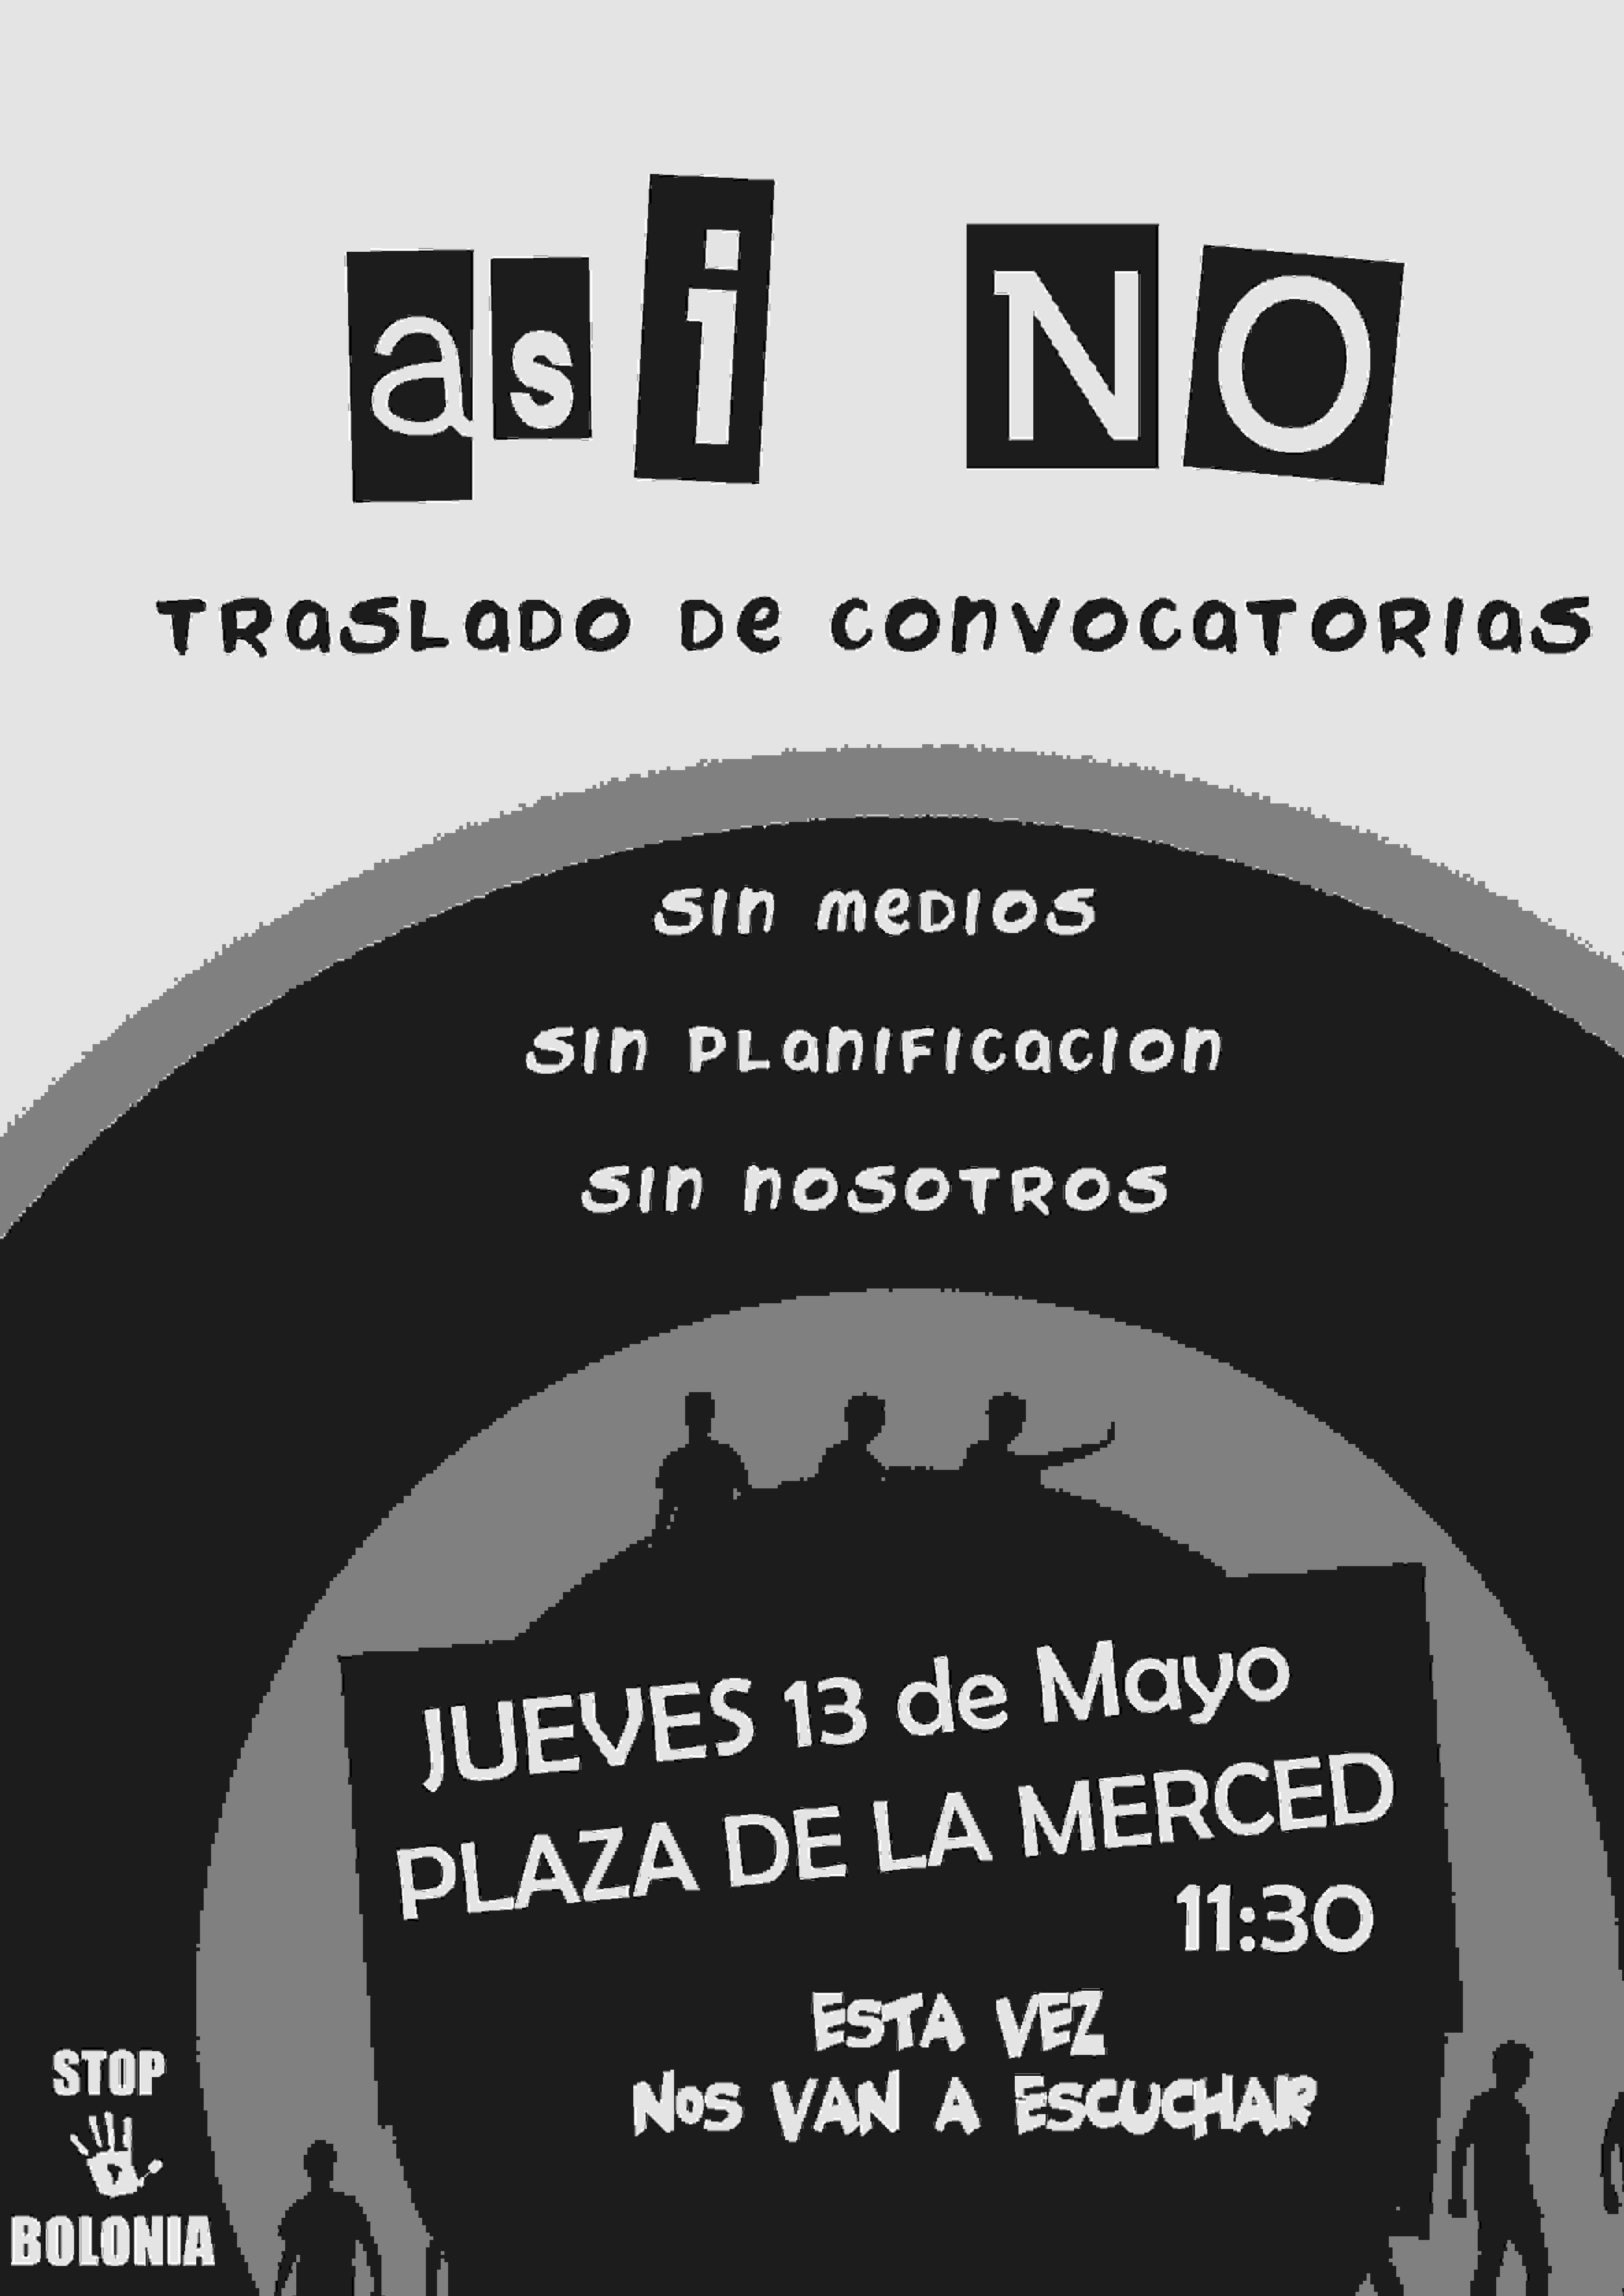 DIFUSIÓN DE LA GRAN MANIFESTACIÓN DEL JUEVES 13, NECESITAMOS VUESTRA AYUDA Modelo10